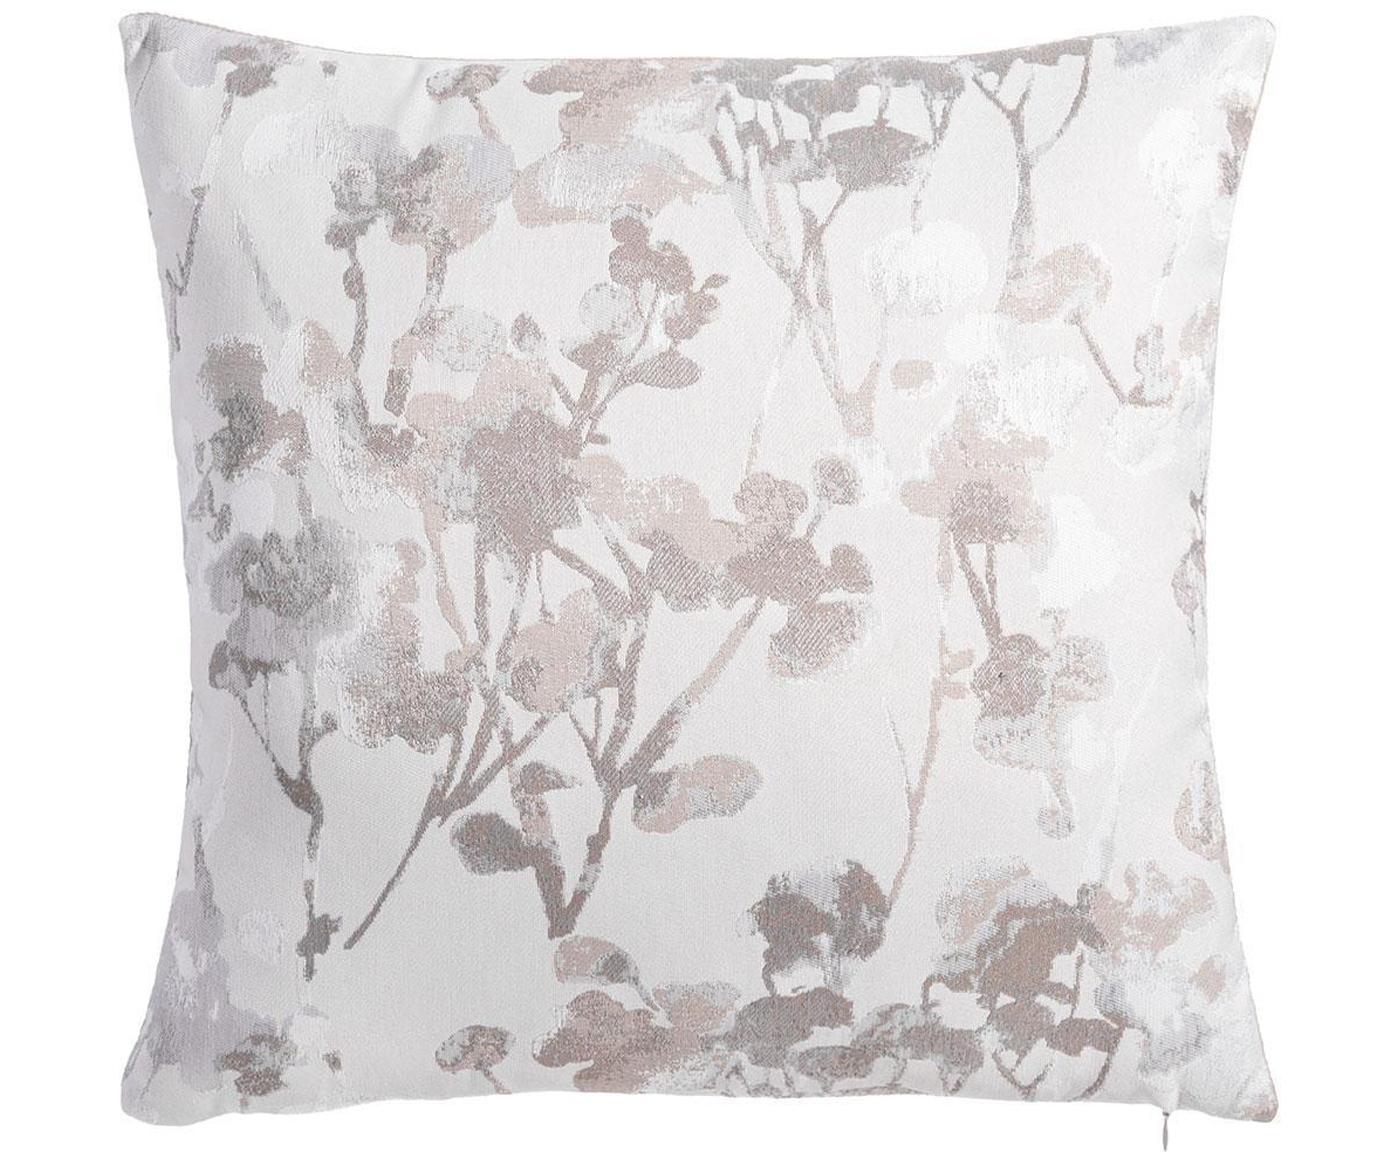 Cojín Shiny Flower, con relleno, Poliéster, Gris, blanco, An 45 x L 45 cm